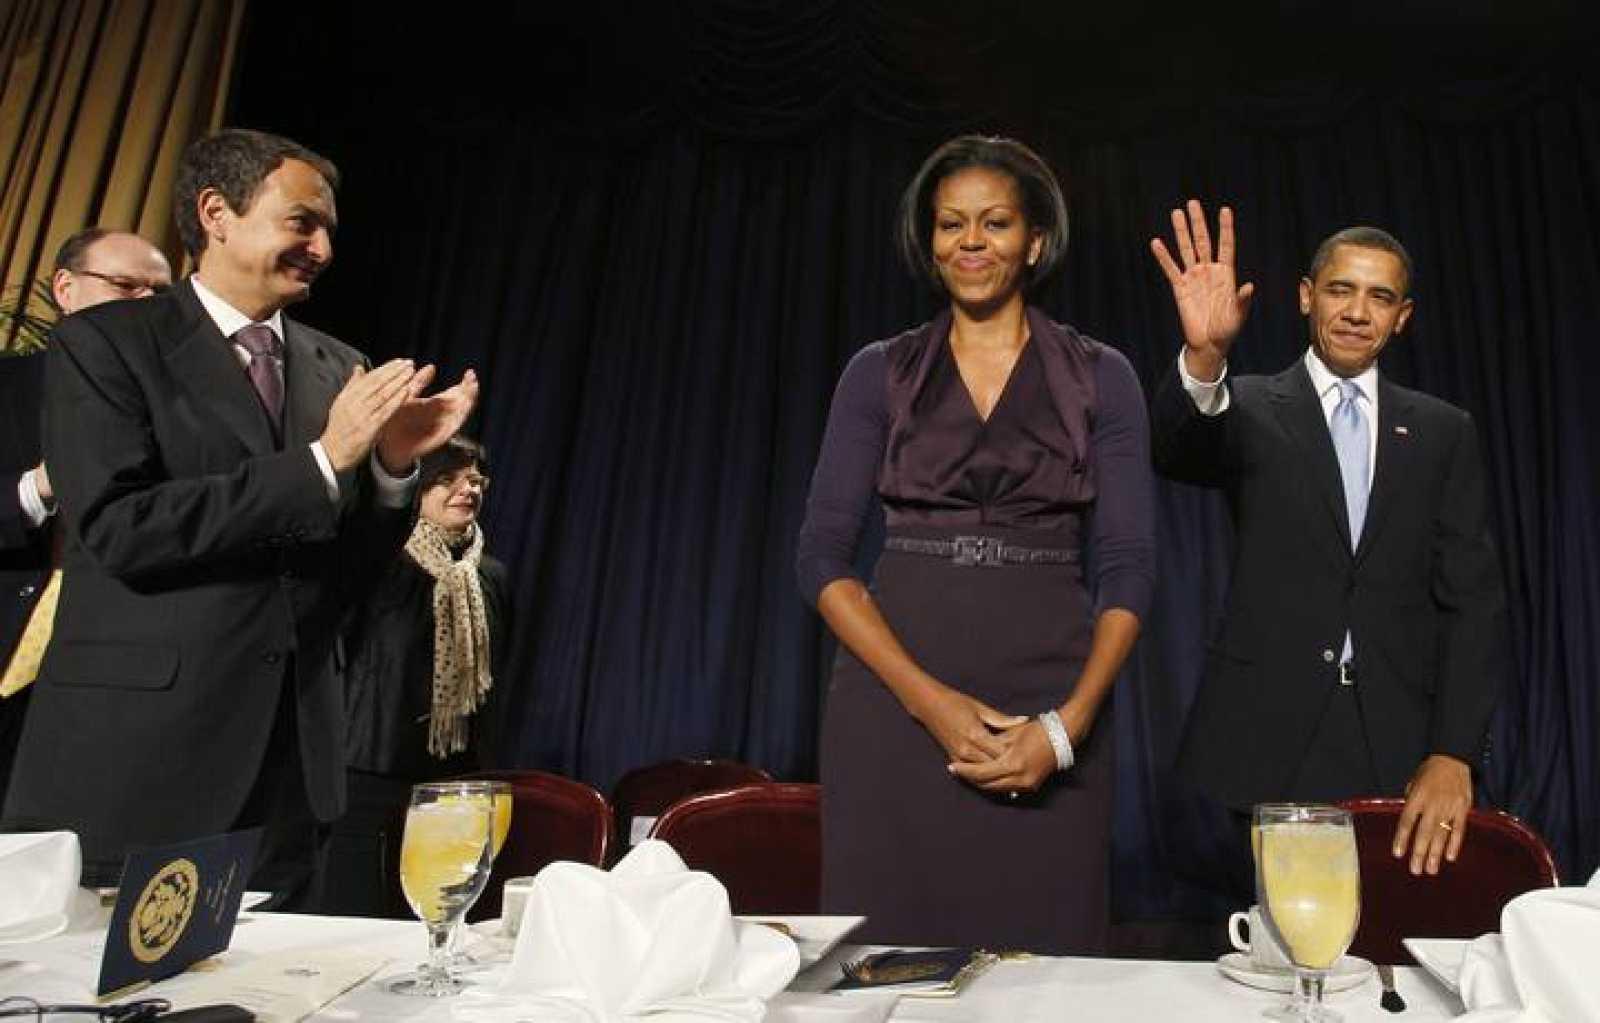 El presidente español, José Luis Rodríguez Zapatero, aplaude la llegada del presidente de EE.UU., Barack Obama, y de la primera dama al Desayuno Nacional de la Oración.